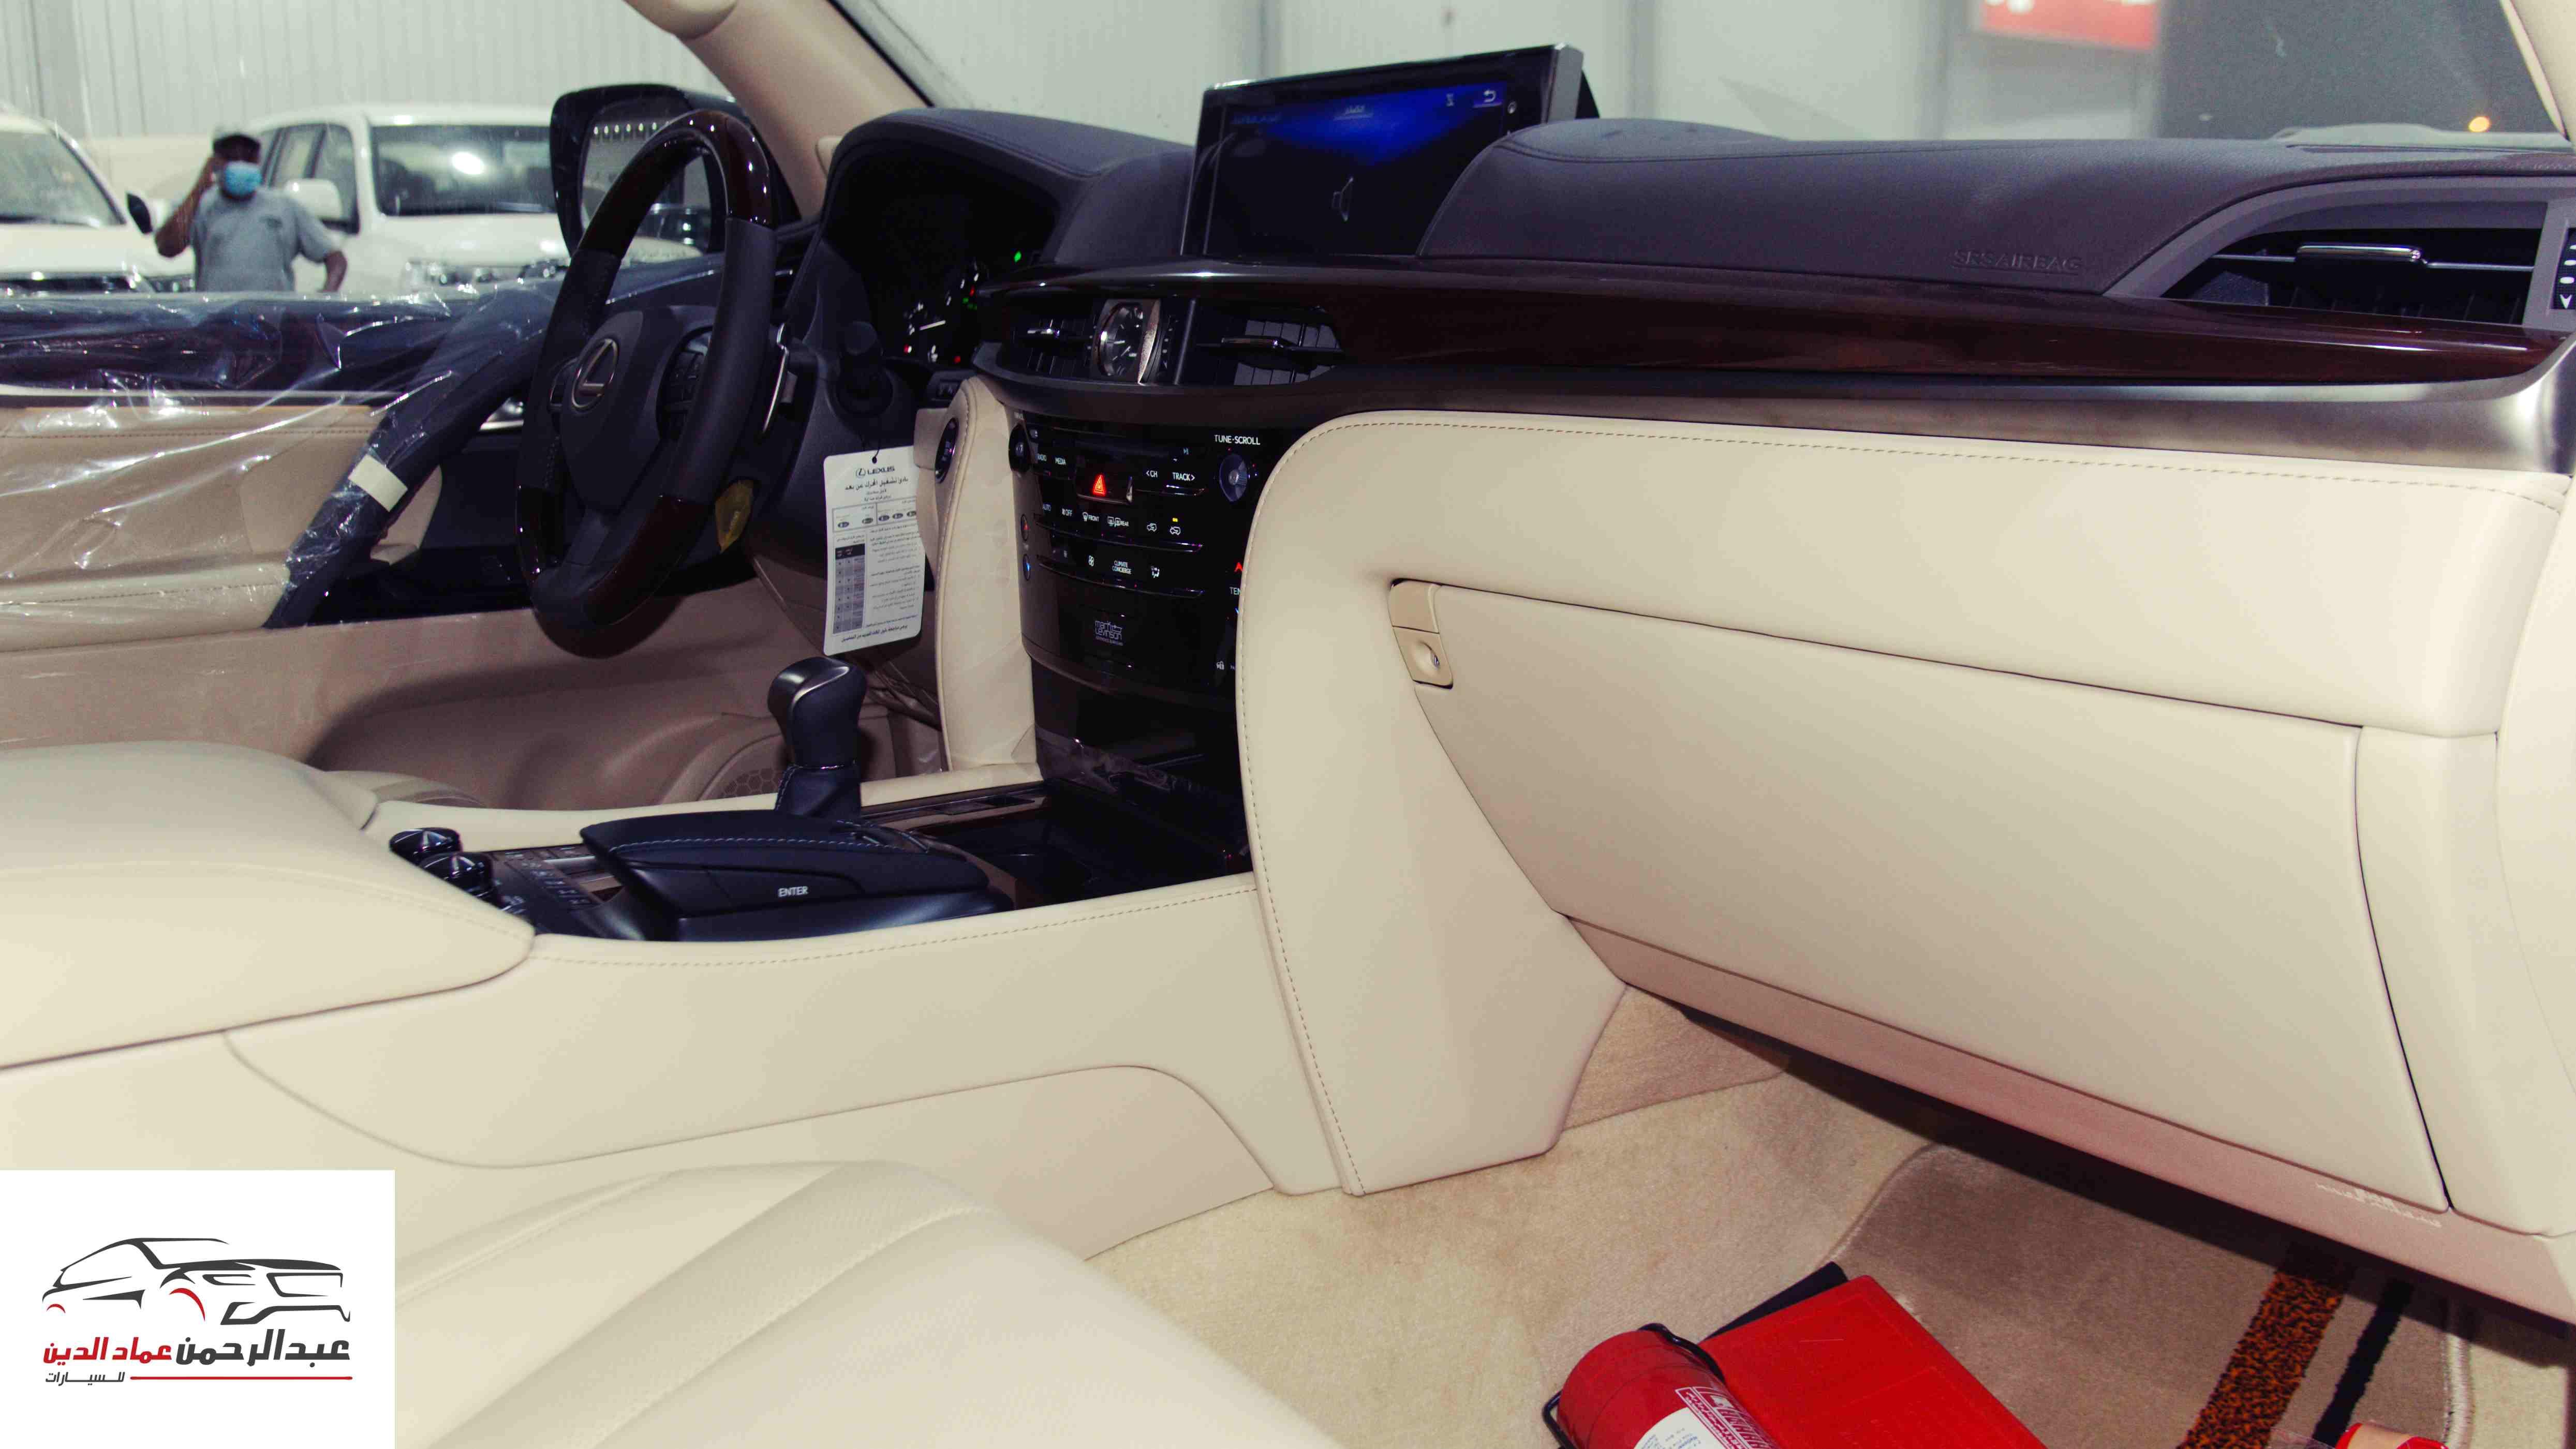 لكزس 2021   LX 570 فئة S S ابواب شفط  بريمي آخر دفعة  للبيع في الرياض - السعودية - صورة كبيرة - 9